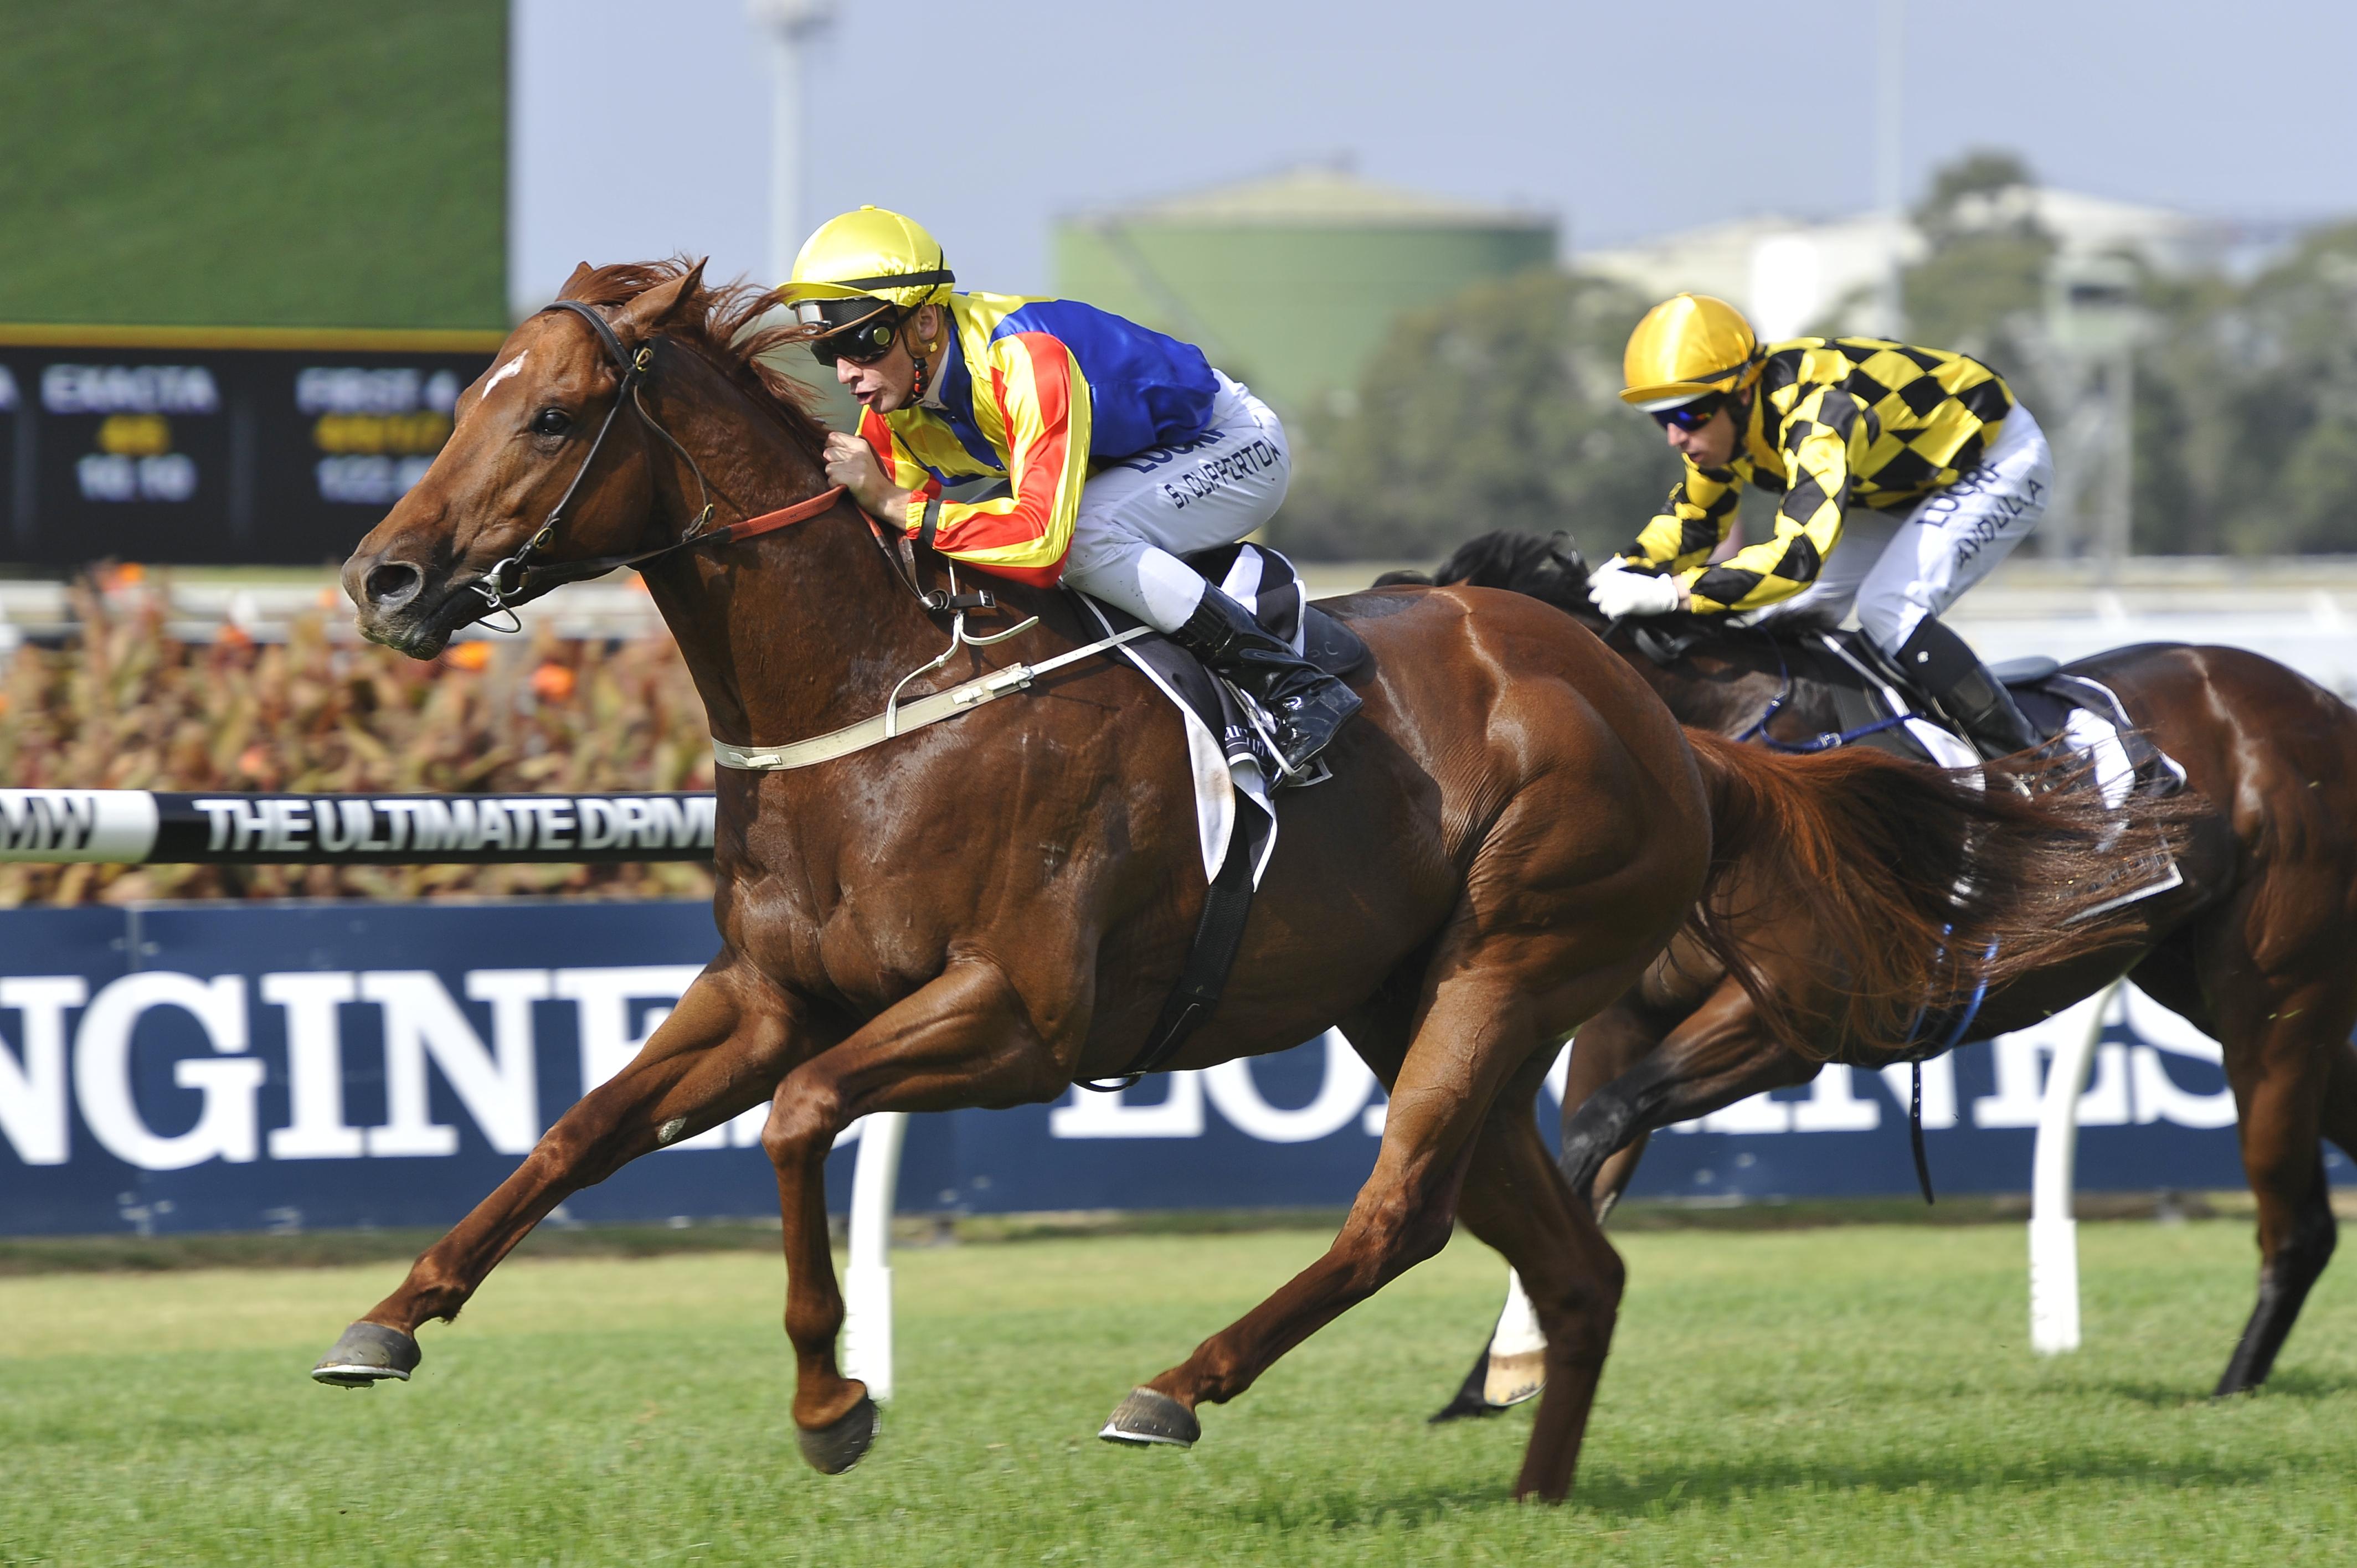 https://www.stallions.com.au/wp-content/uploads/2019/09/Spieth-210516-6456.jpg